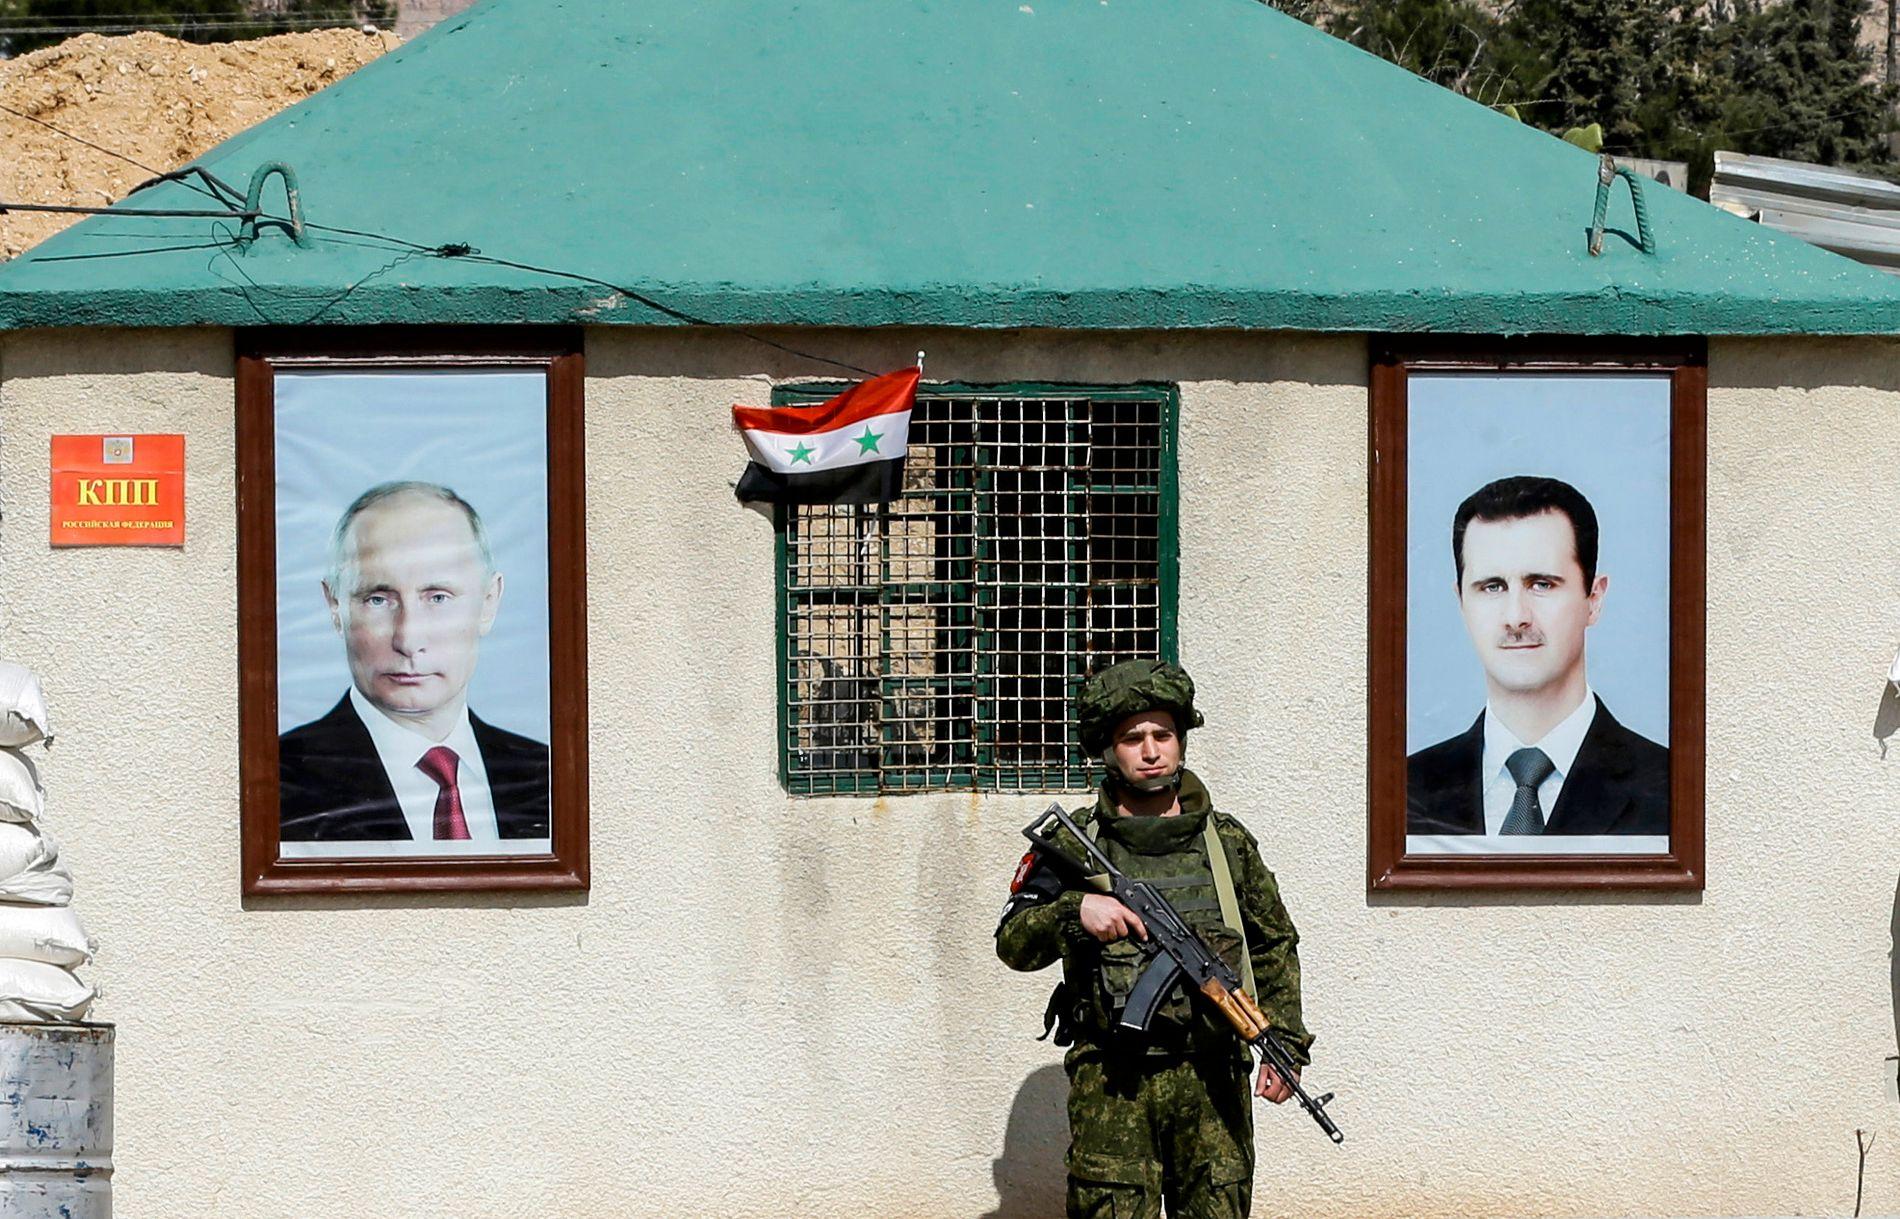 TRAPPER OPP: En russisk soldat står vakt like utenfor Øst-Ghouta mellom portrettene av Russlands president Vladimir Putin og Syrias president Bashar al-Assad.